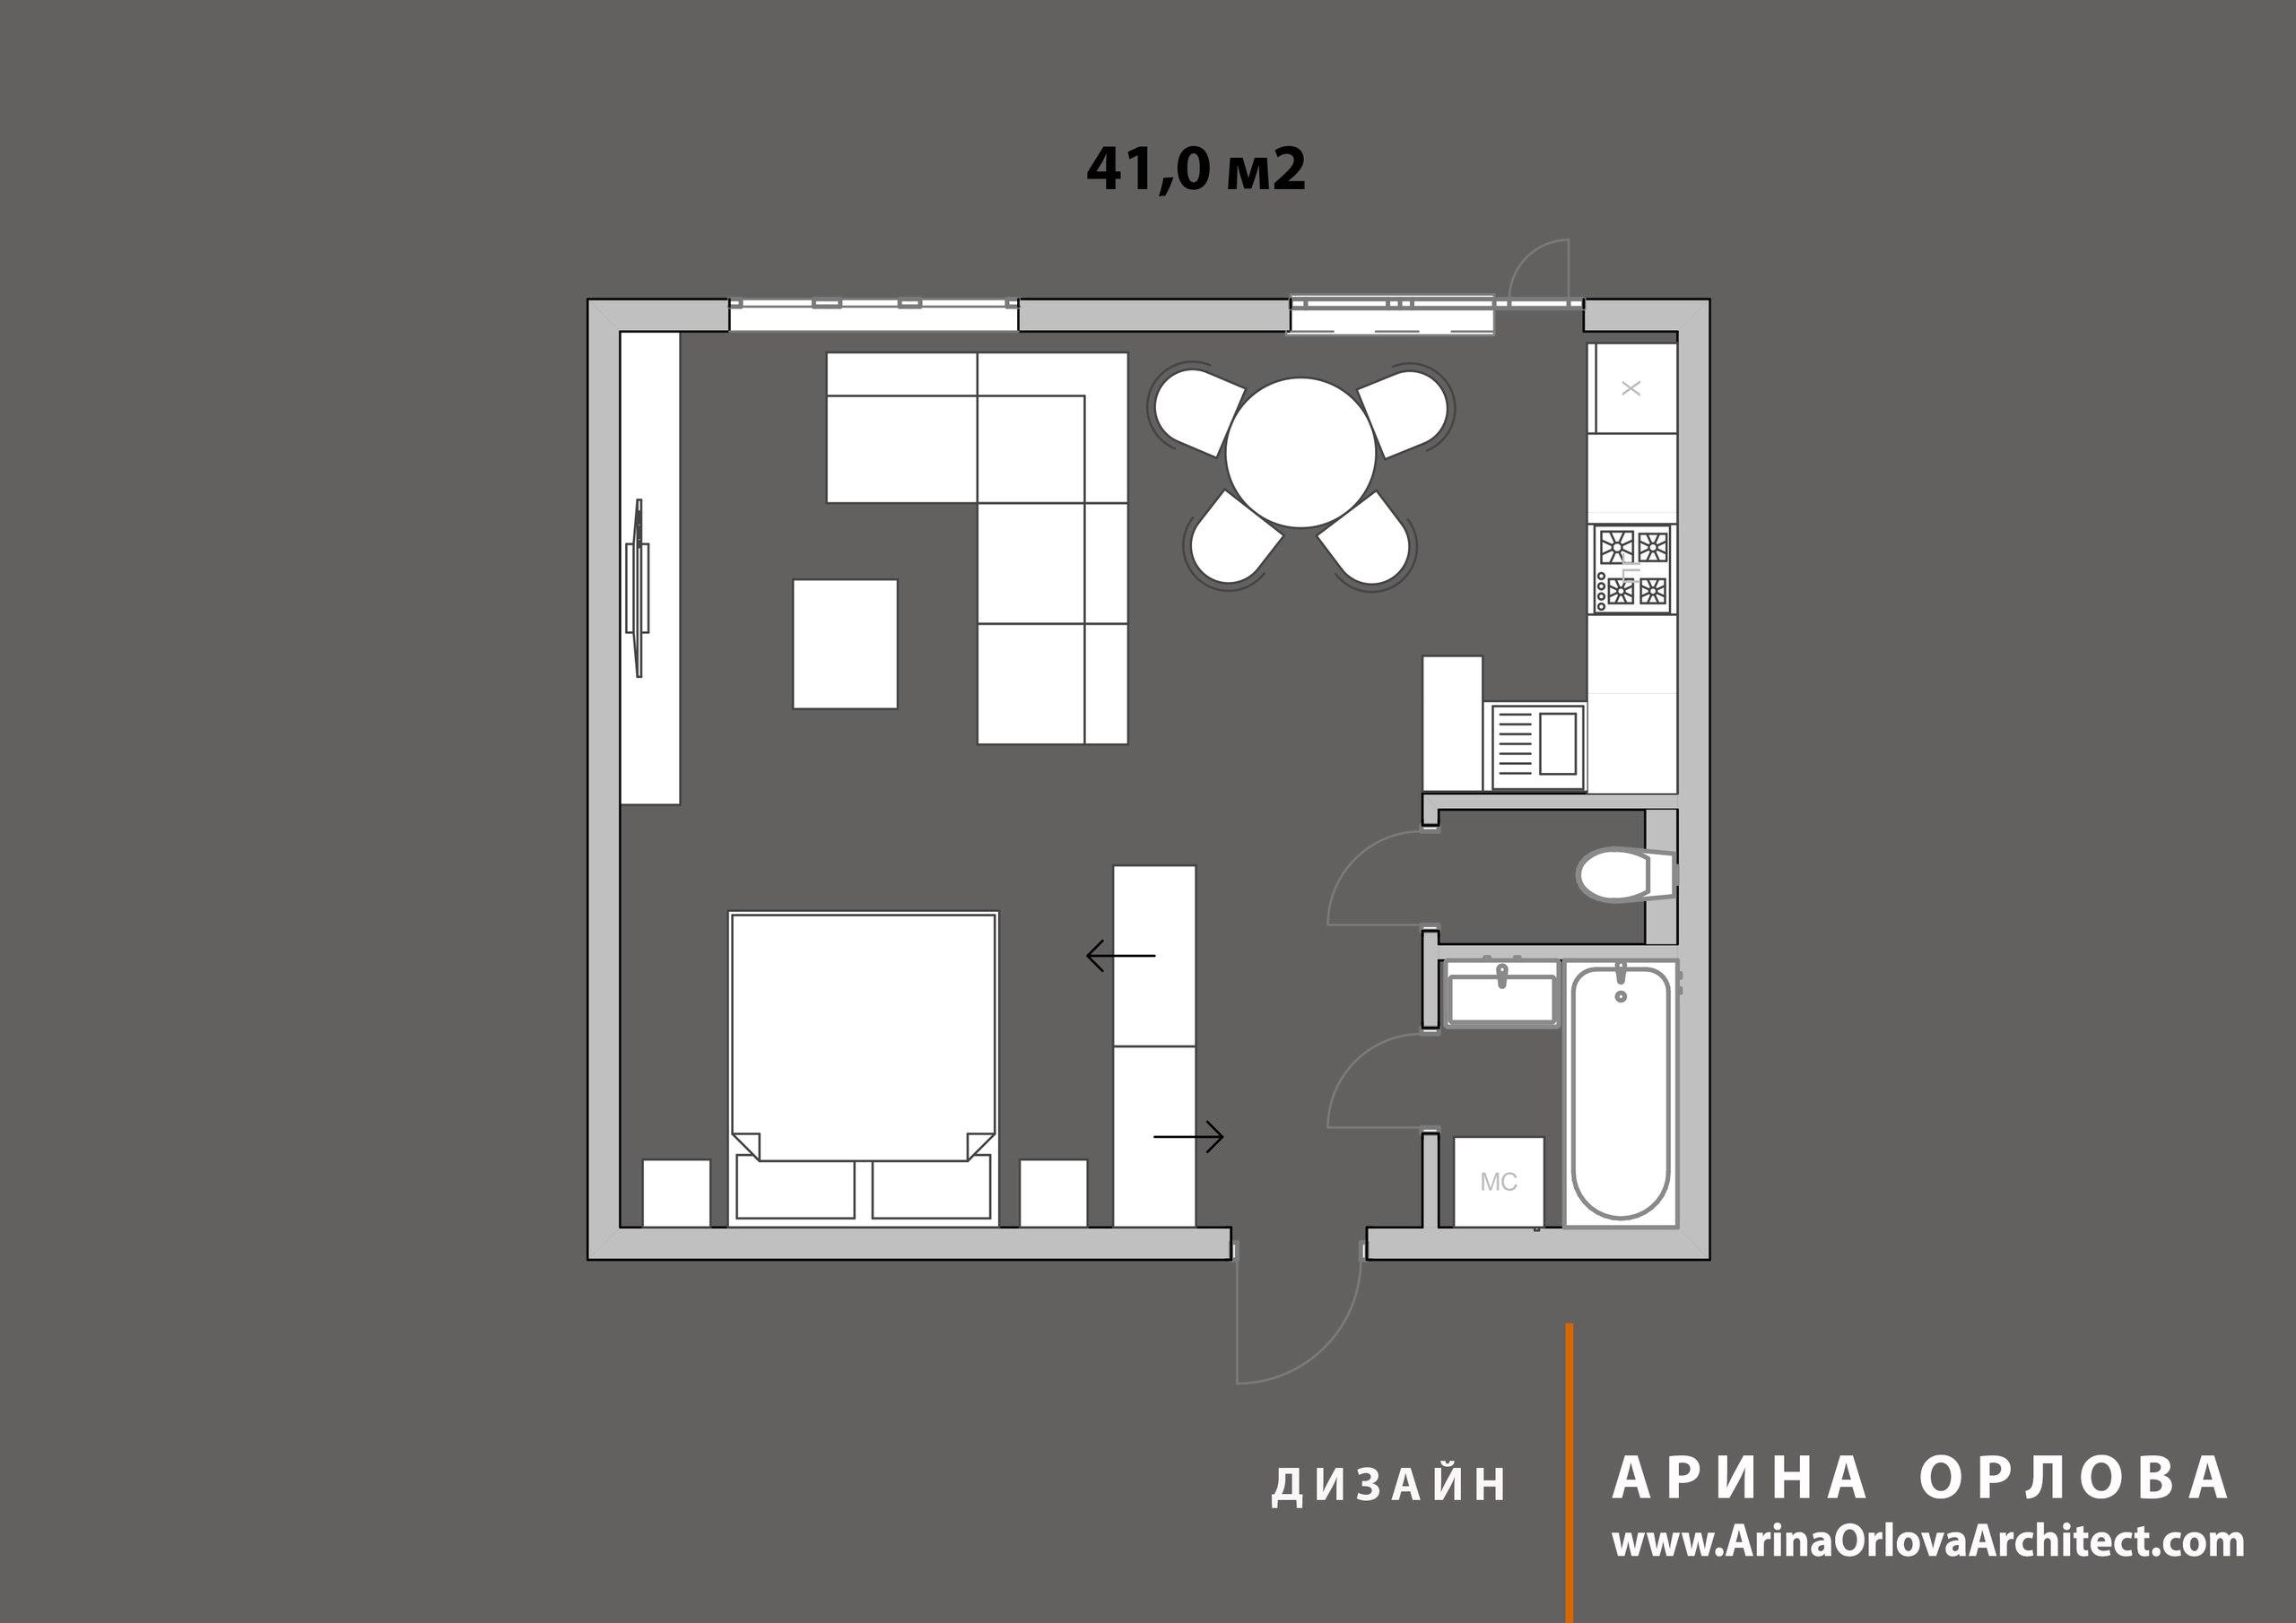 Концепт квартиры-студии для холостяка 41 м2.